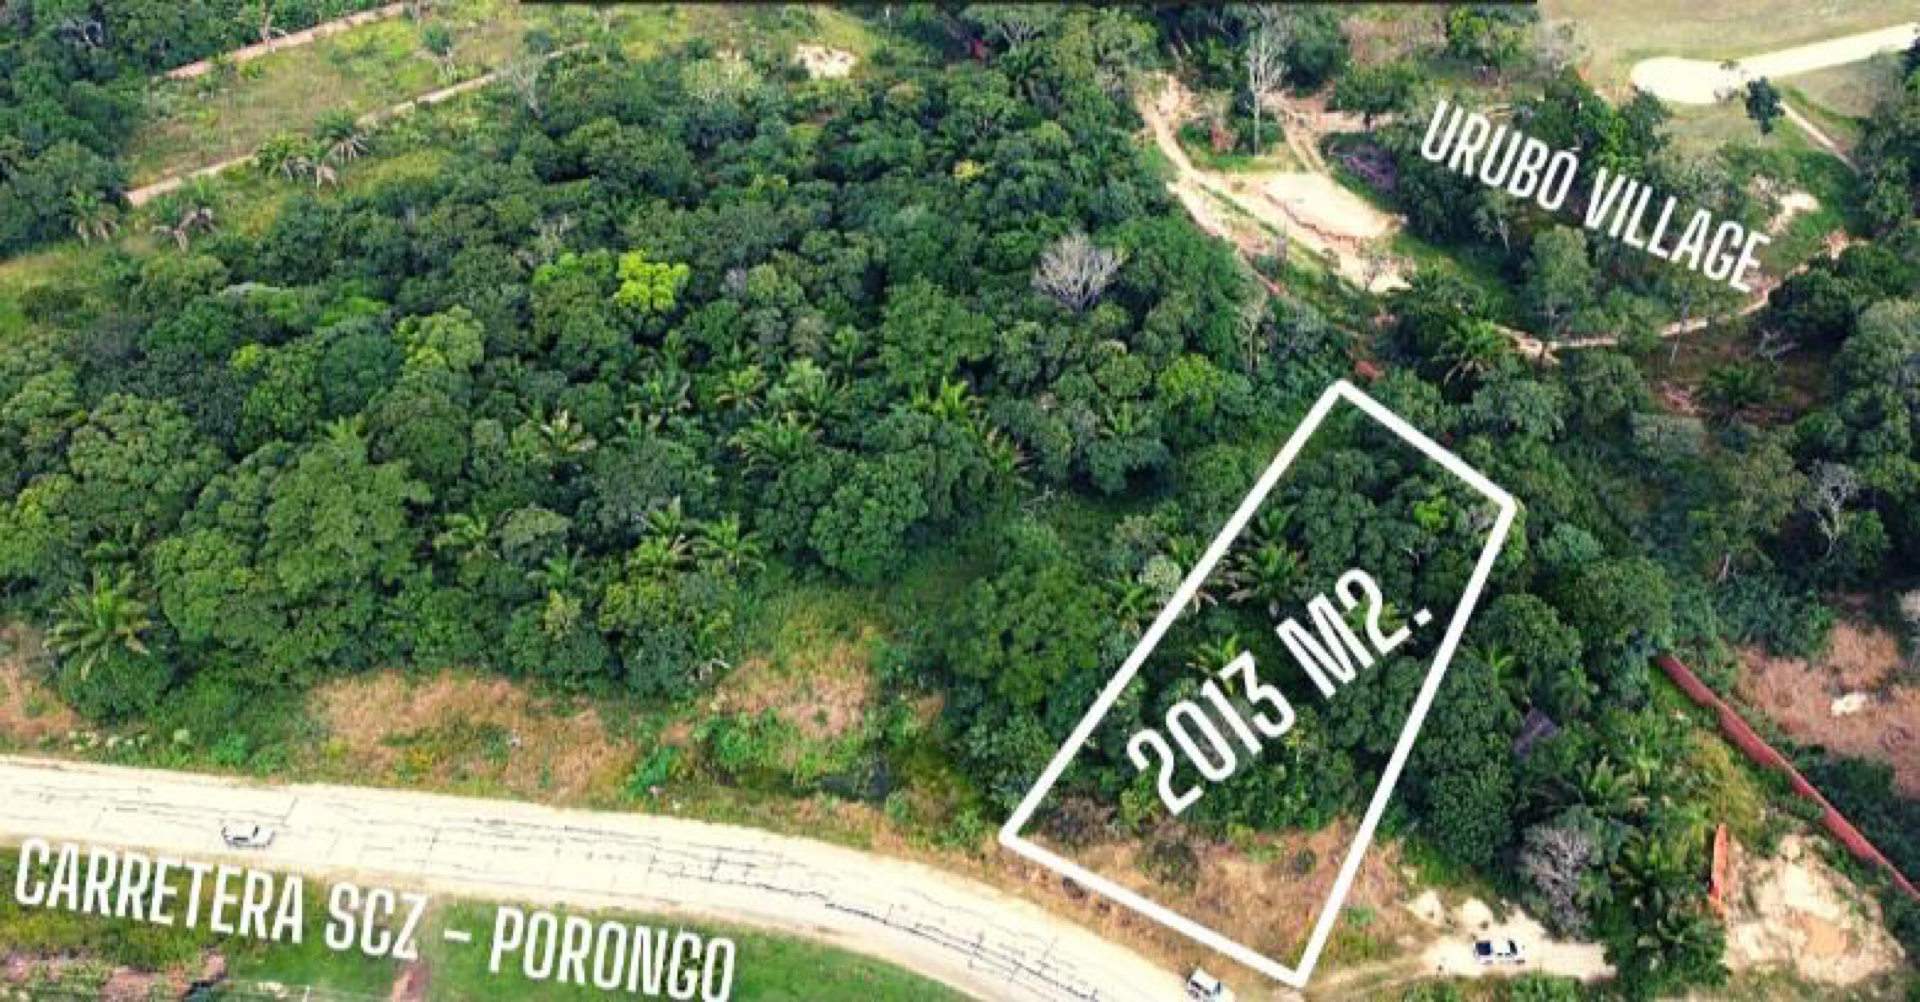 Terreno en Venta Terreno sobre Carretera Santa Cruz - Porongo  Foto 1